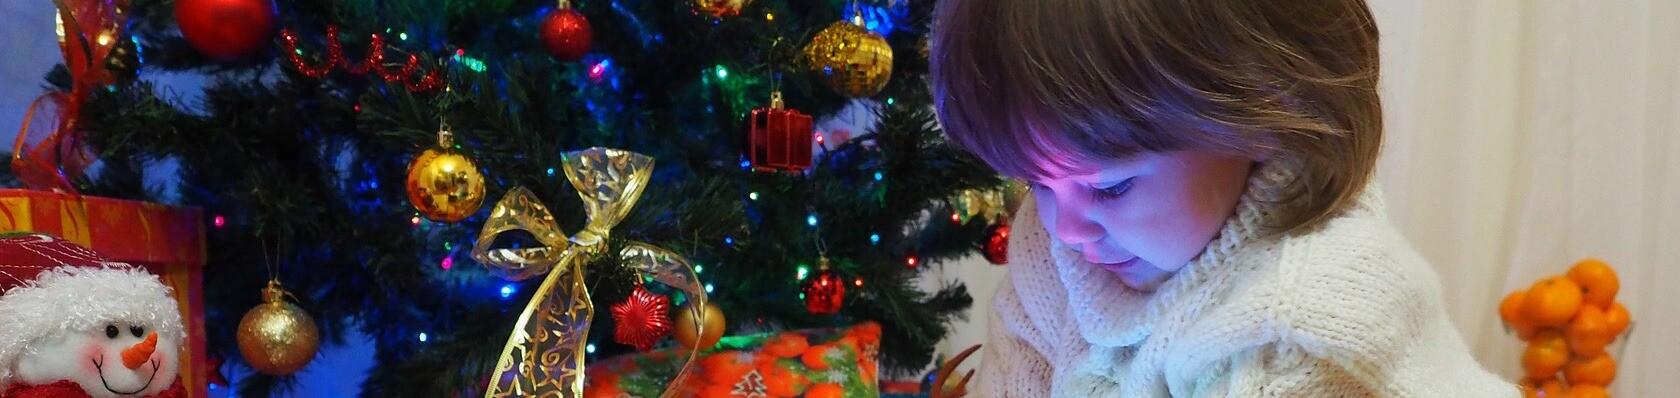 Weihnachtsbaum Drahtgestell.Künstlicher Weihnachtsbaum Vergleich 7 Künstlichen Weihnachtsbäume